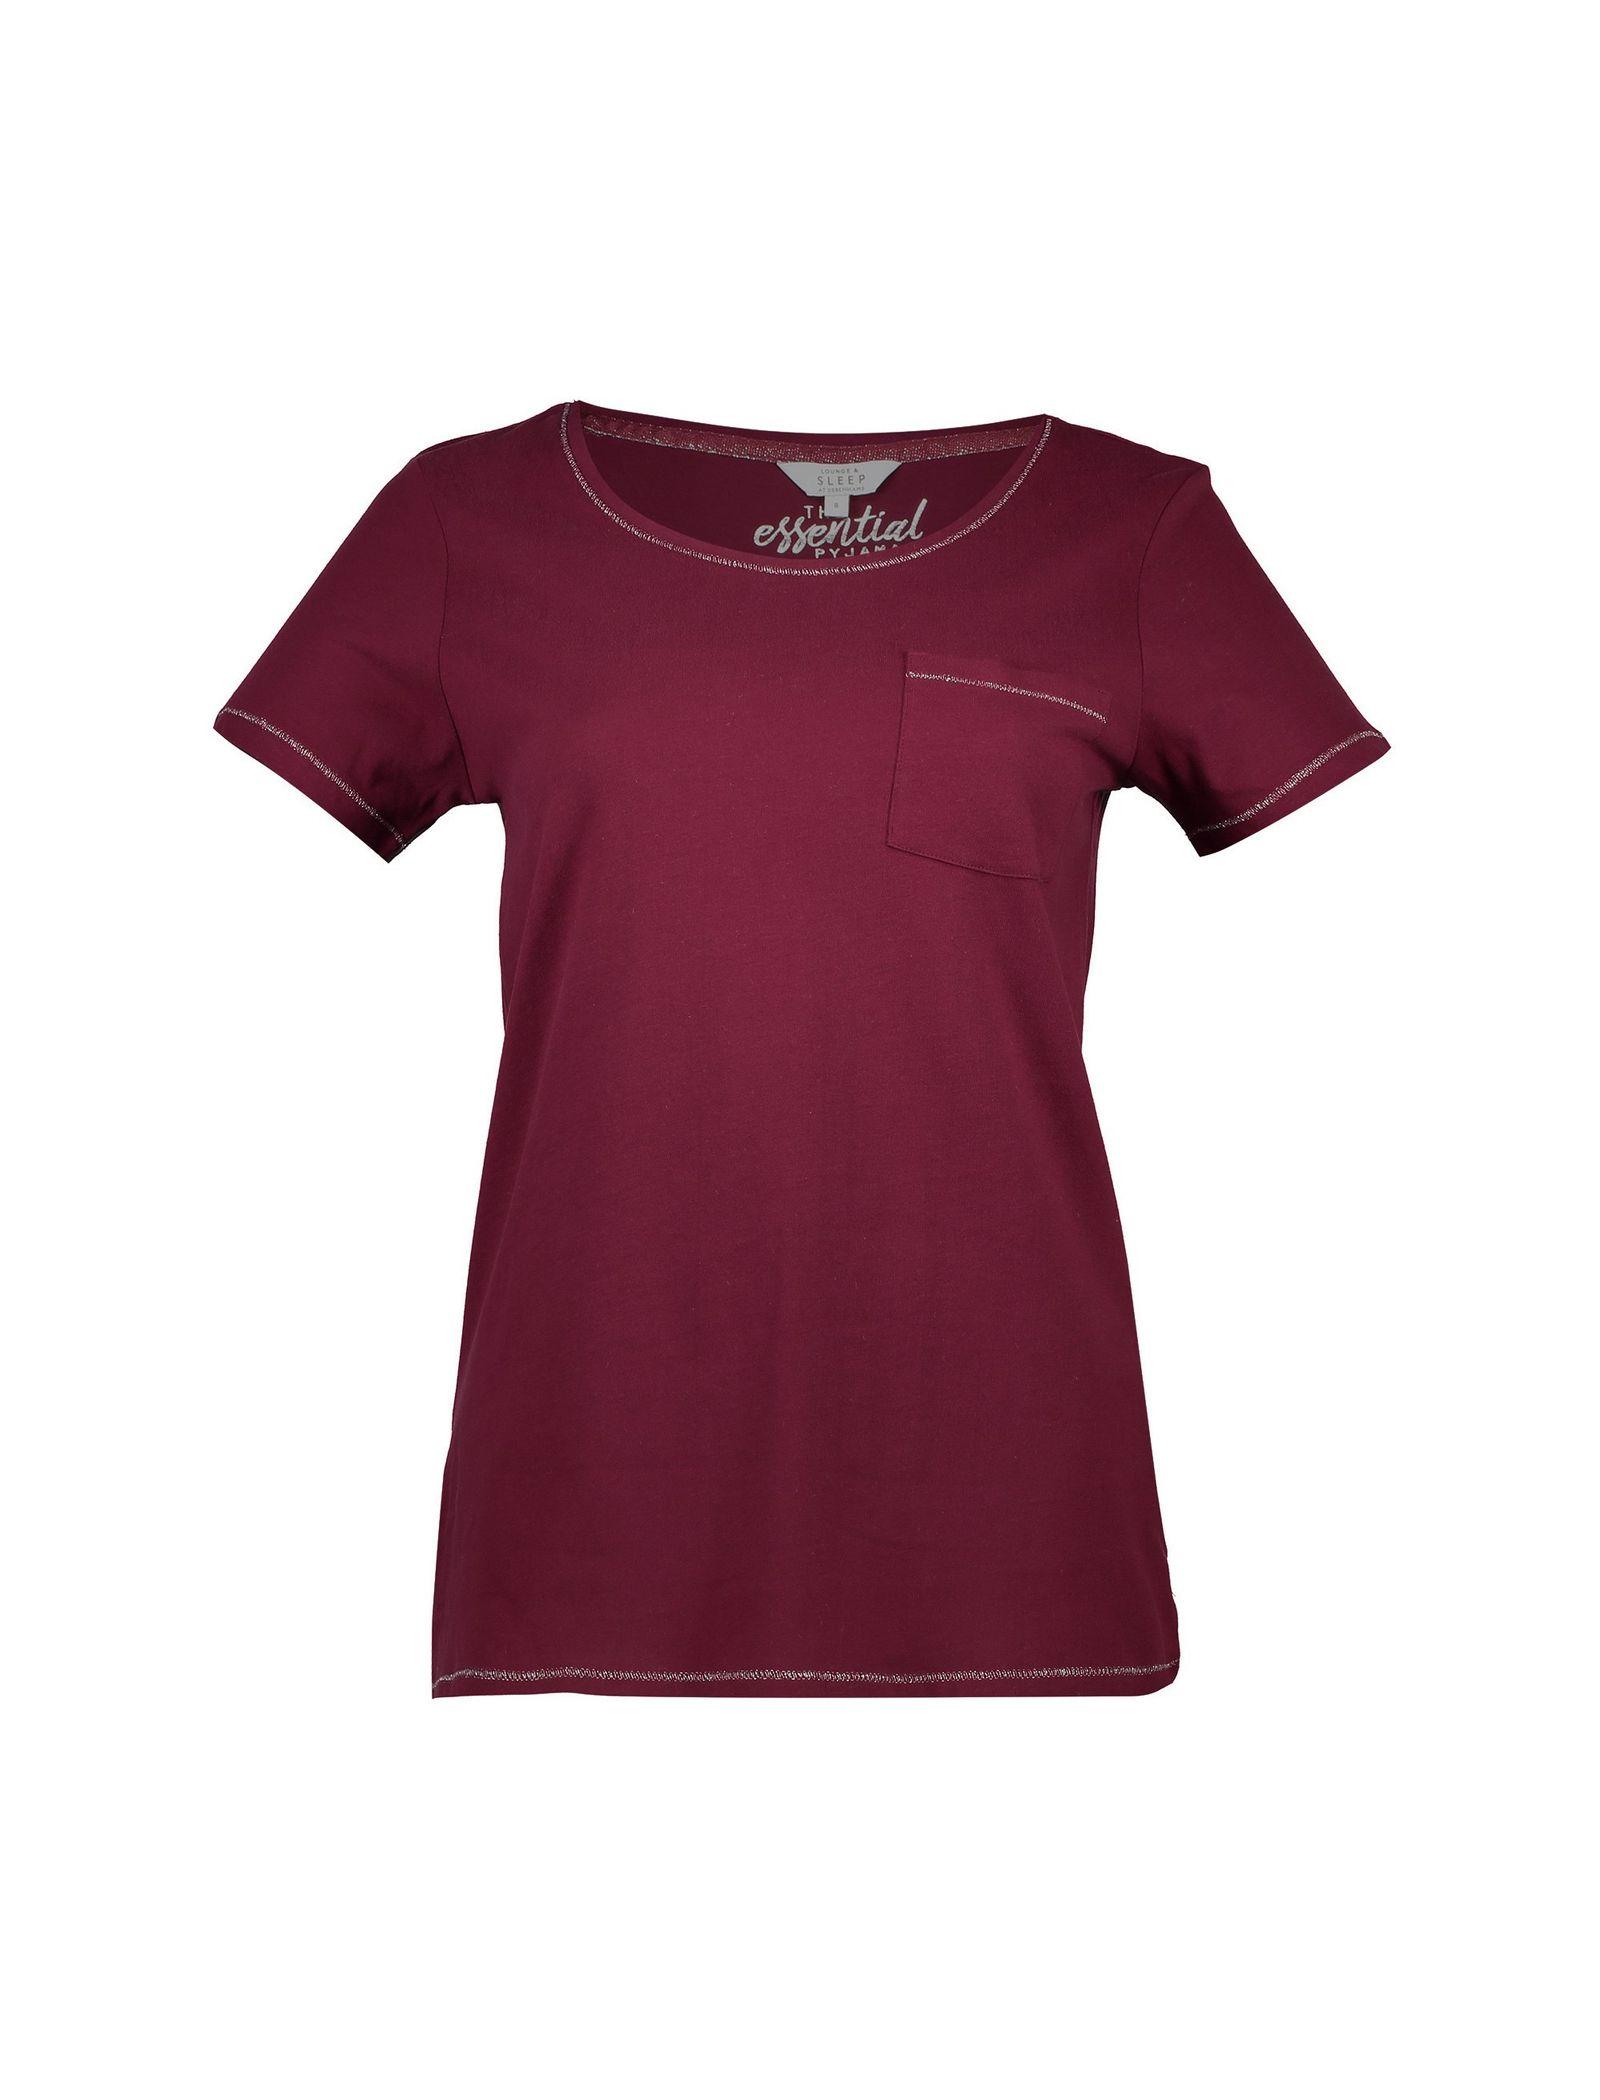 تی شرت و شلوار راحتی نخی زنانه - لانژ اند اسلیپ - قرمز - 2